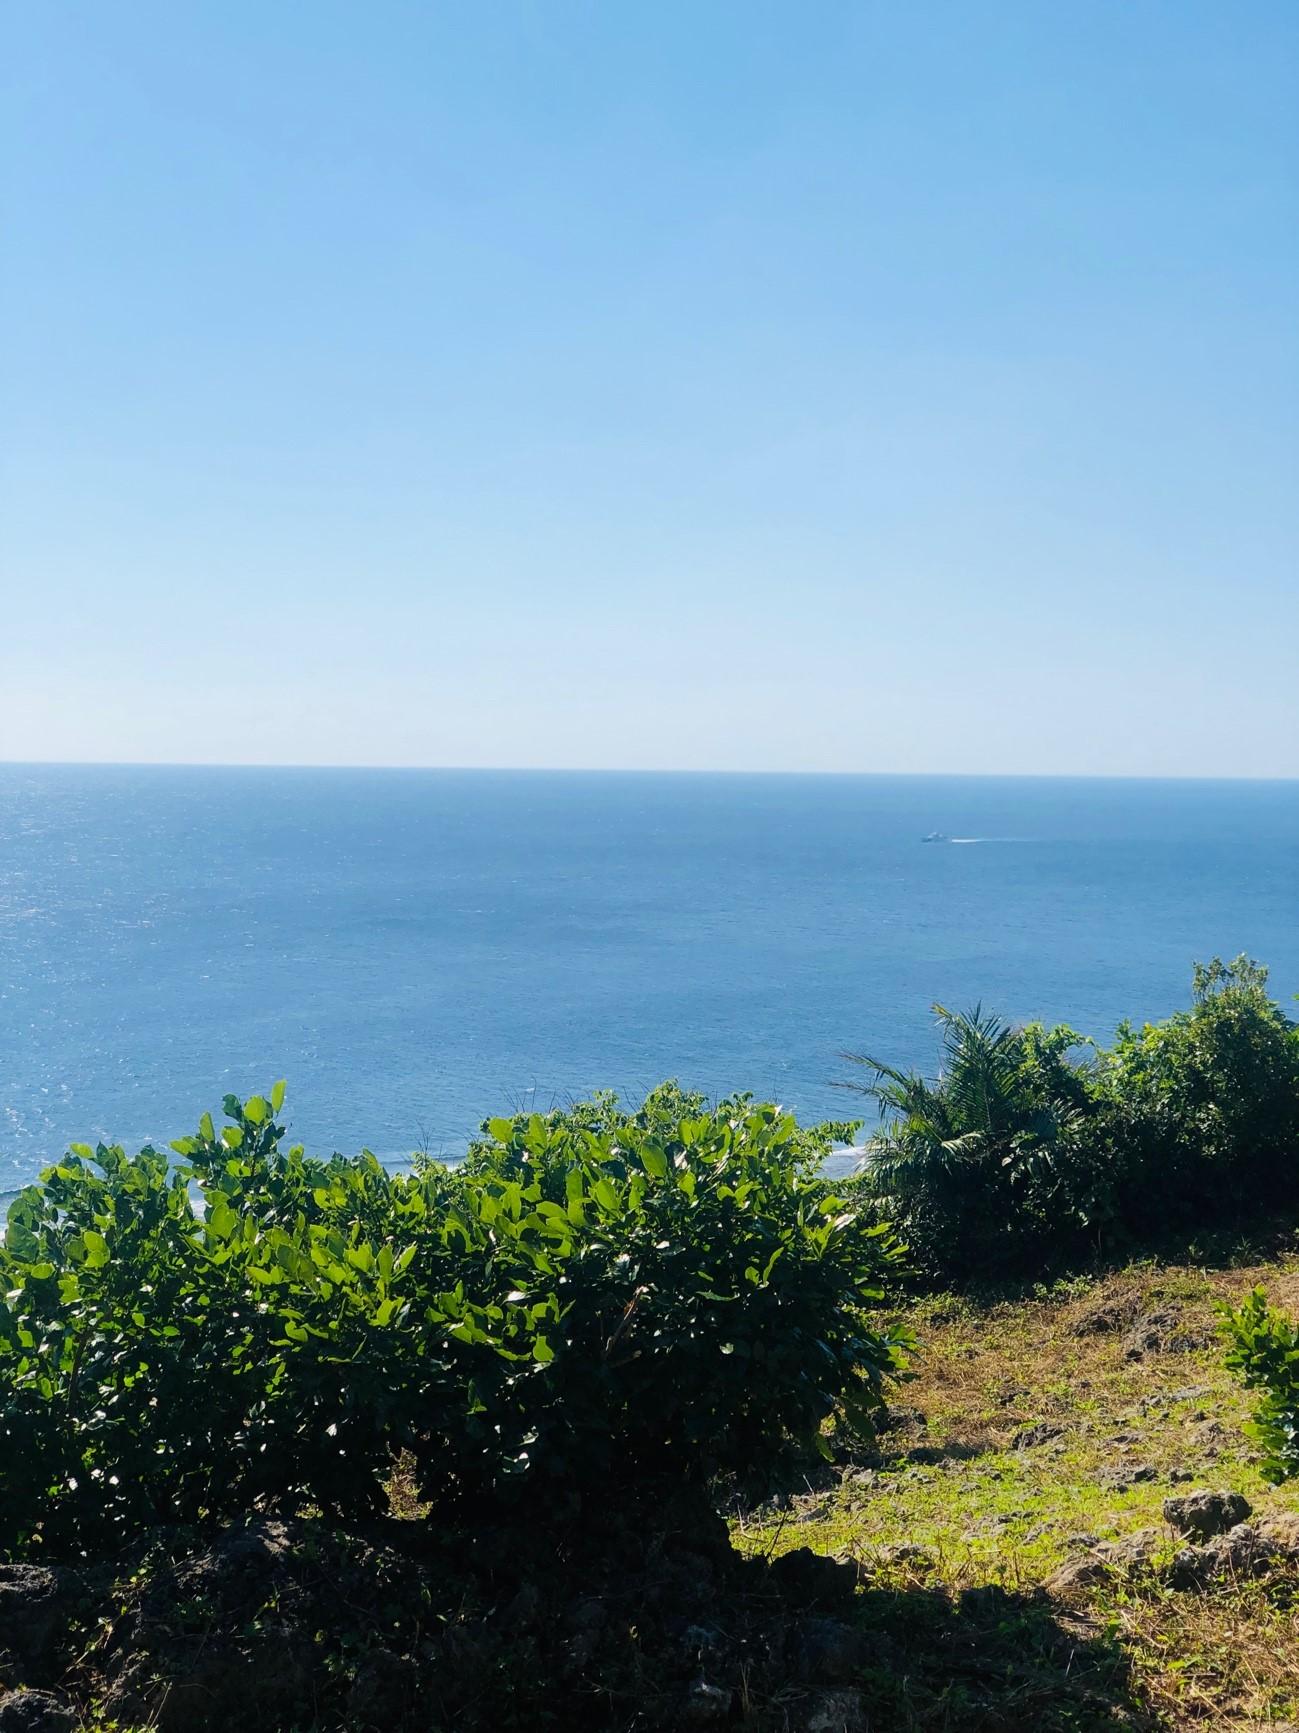 沖縄県糸満市「平和祈念公園」の「摩文仁の丘」の頂上から下り道 通りかかった一隻の船